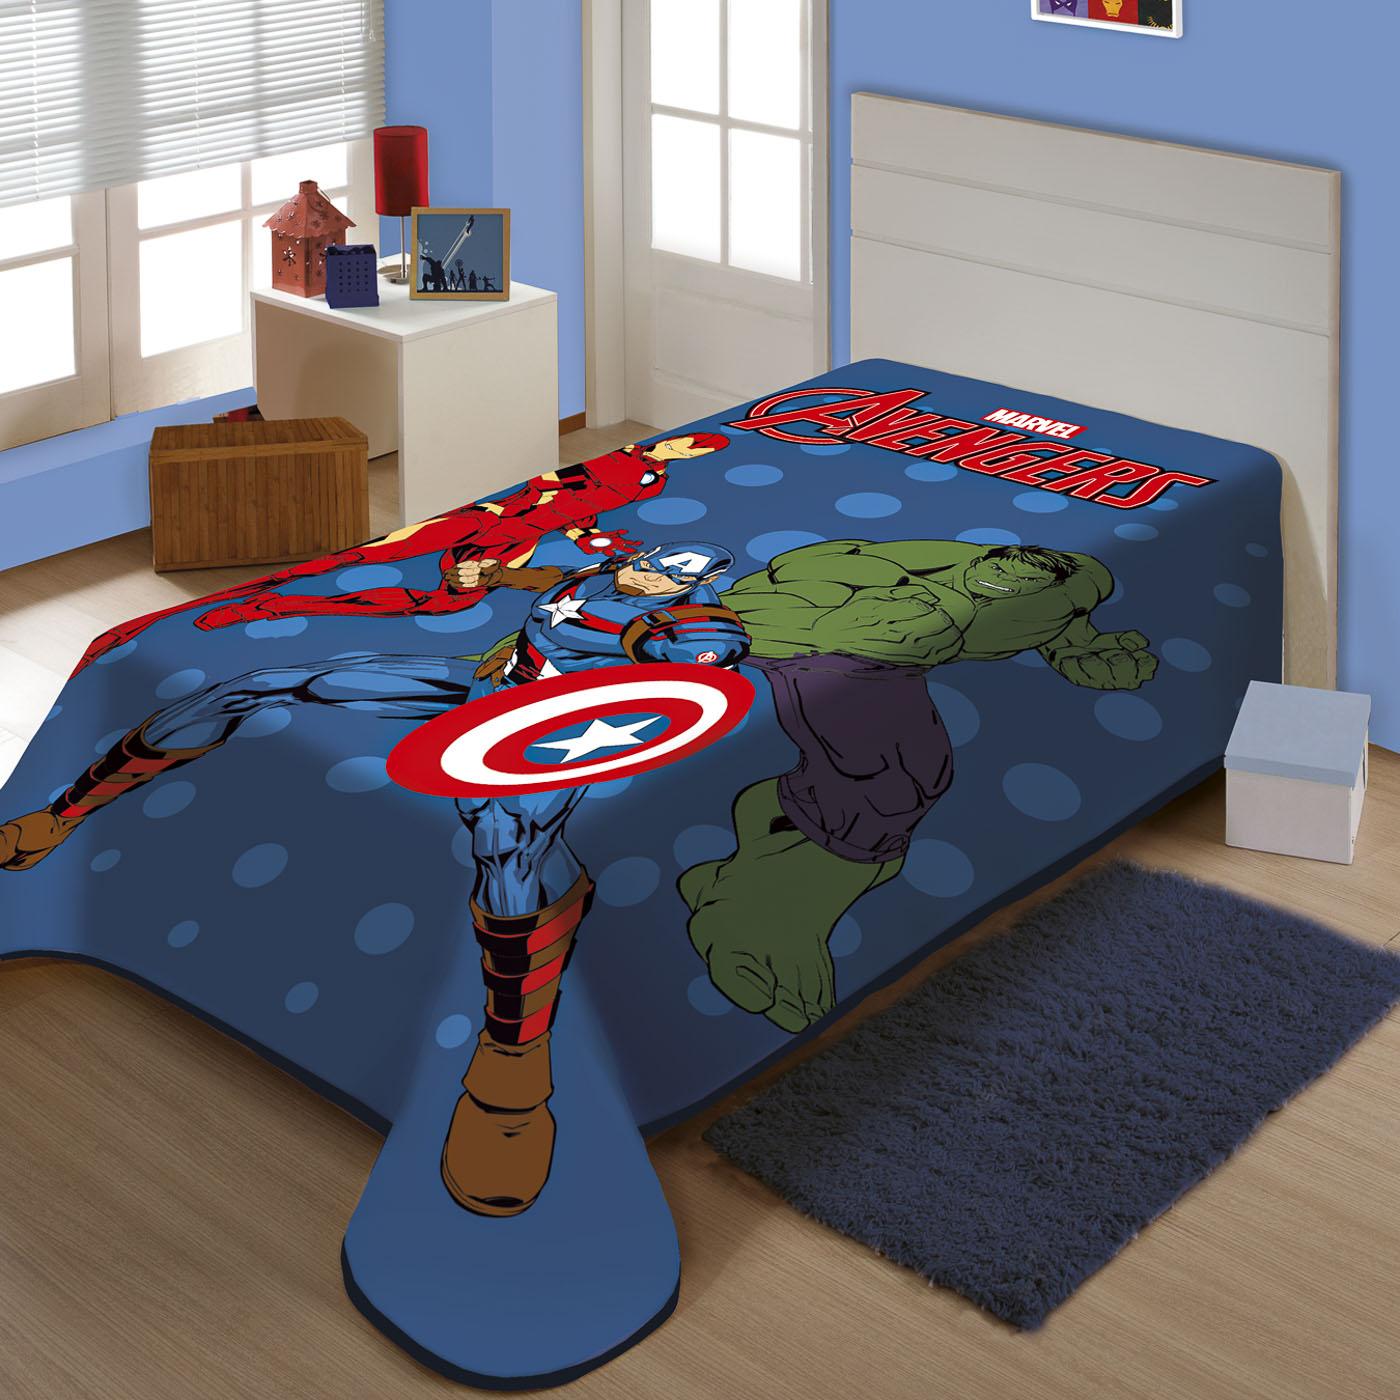 Cobertor Solteiro Raschel Jolitex Marvel Avengers Em Ação